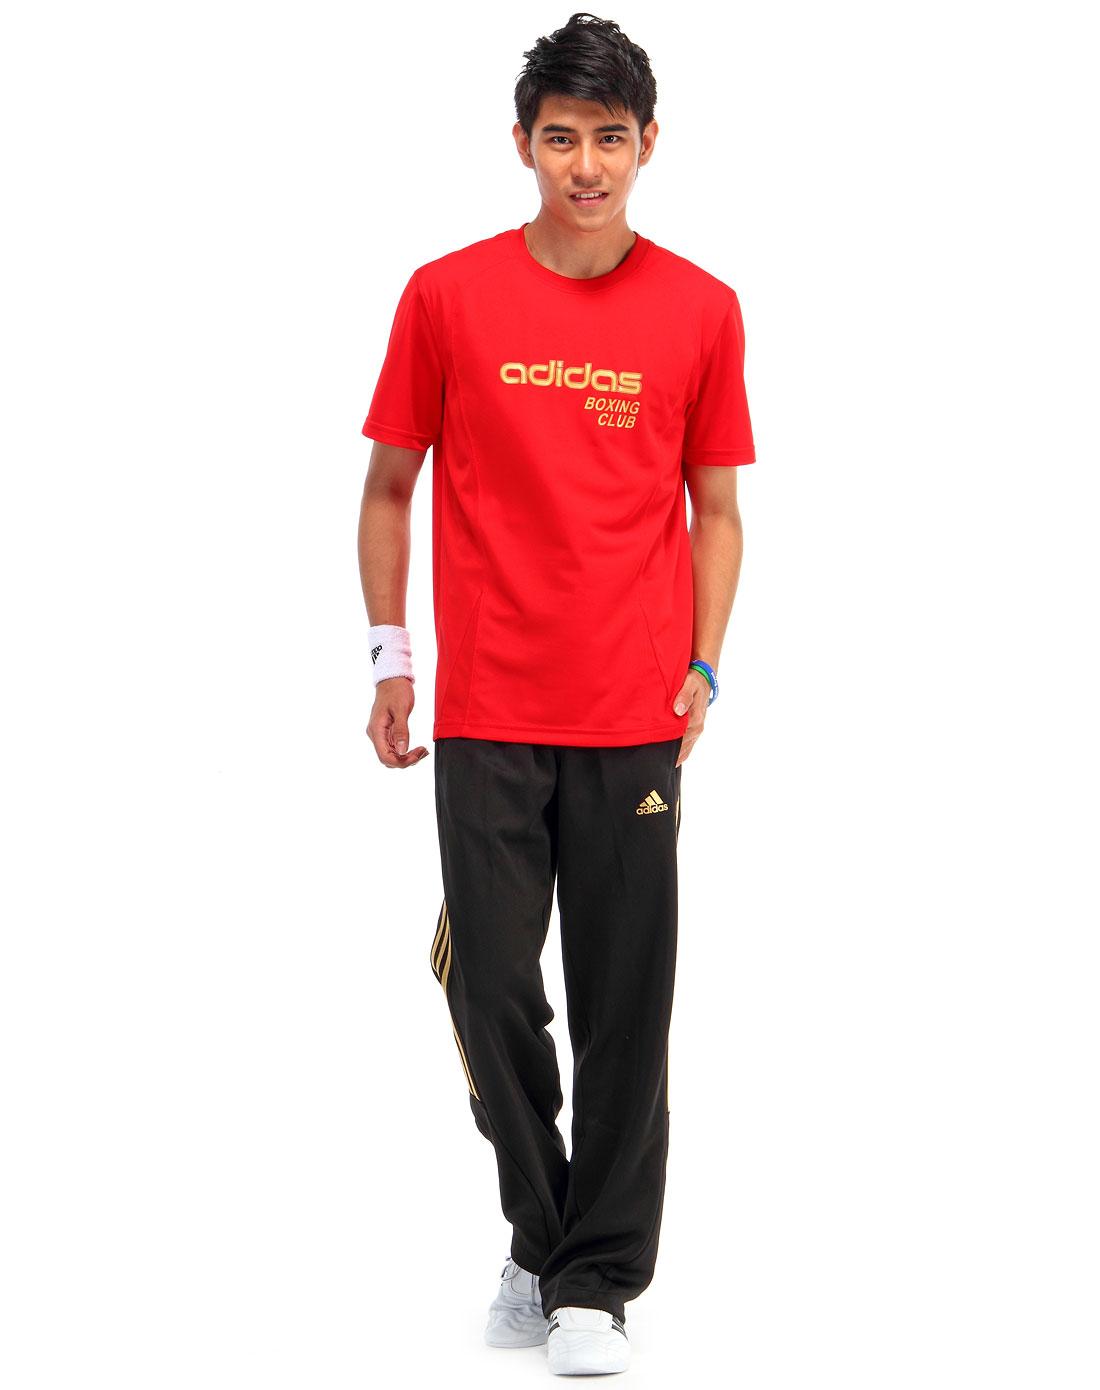 夏季男款红/金色速干短袖t恤